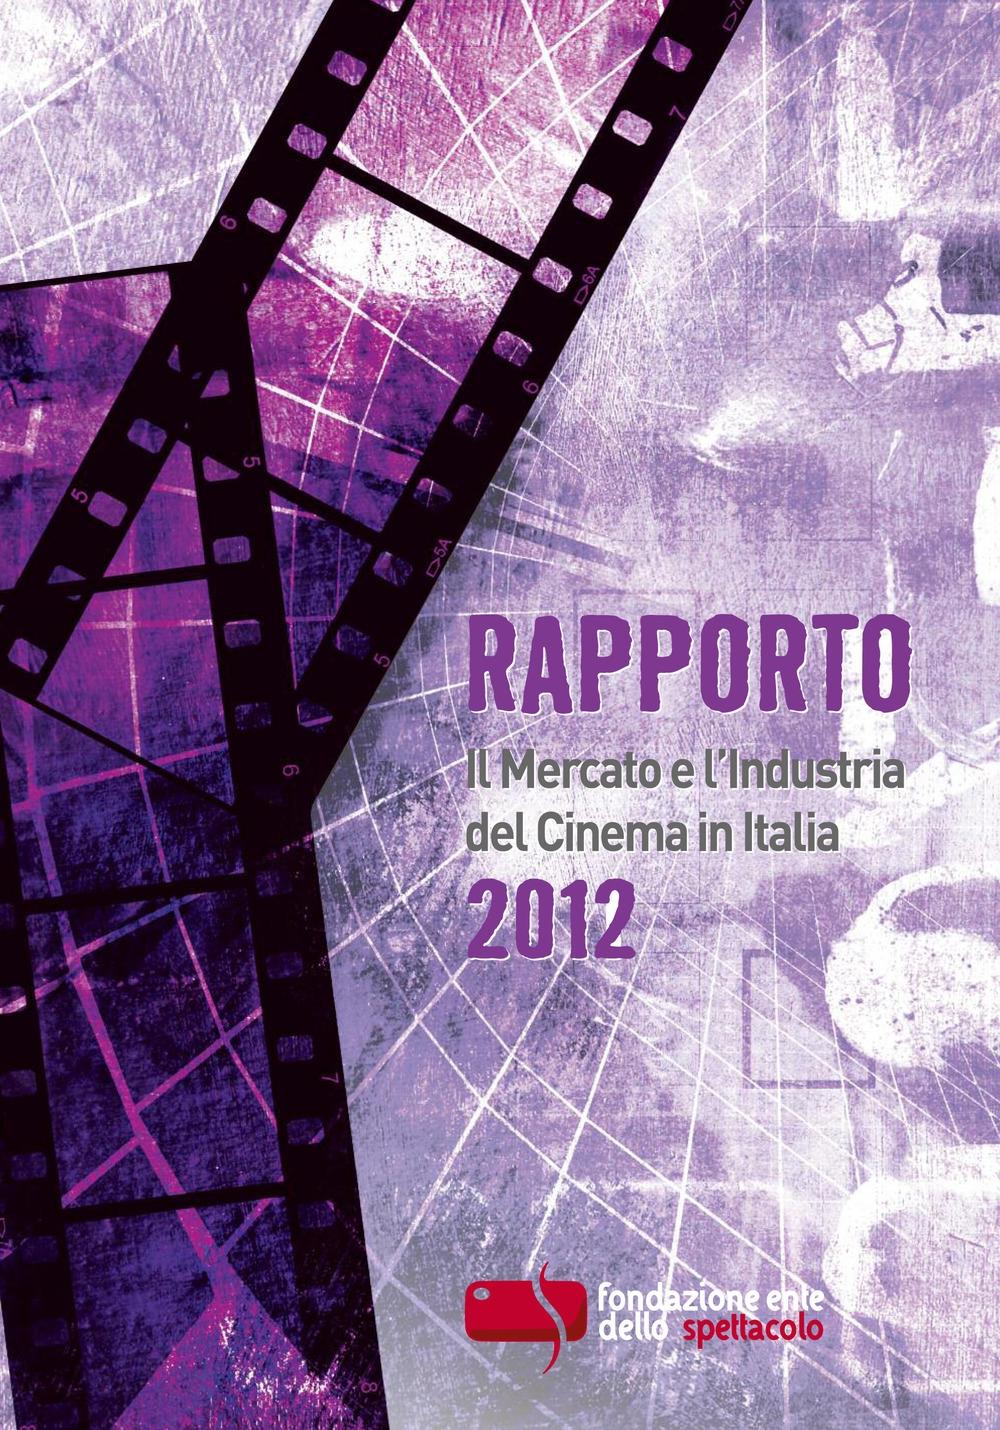 Rapporto. Il mercato e l'industria del cinema in Italia. 2012